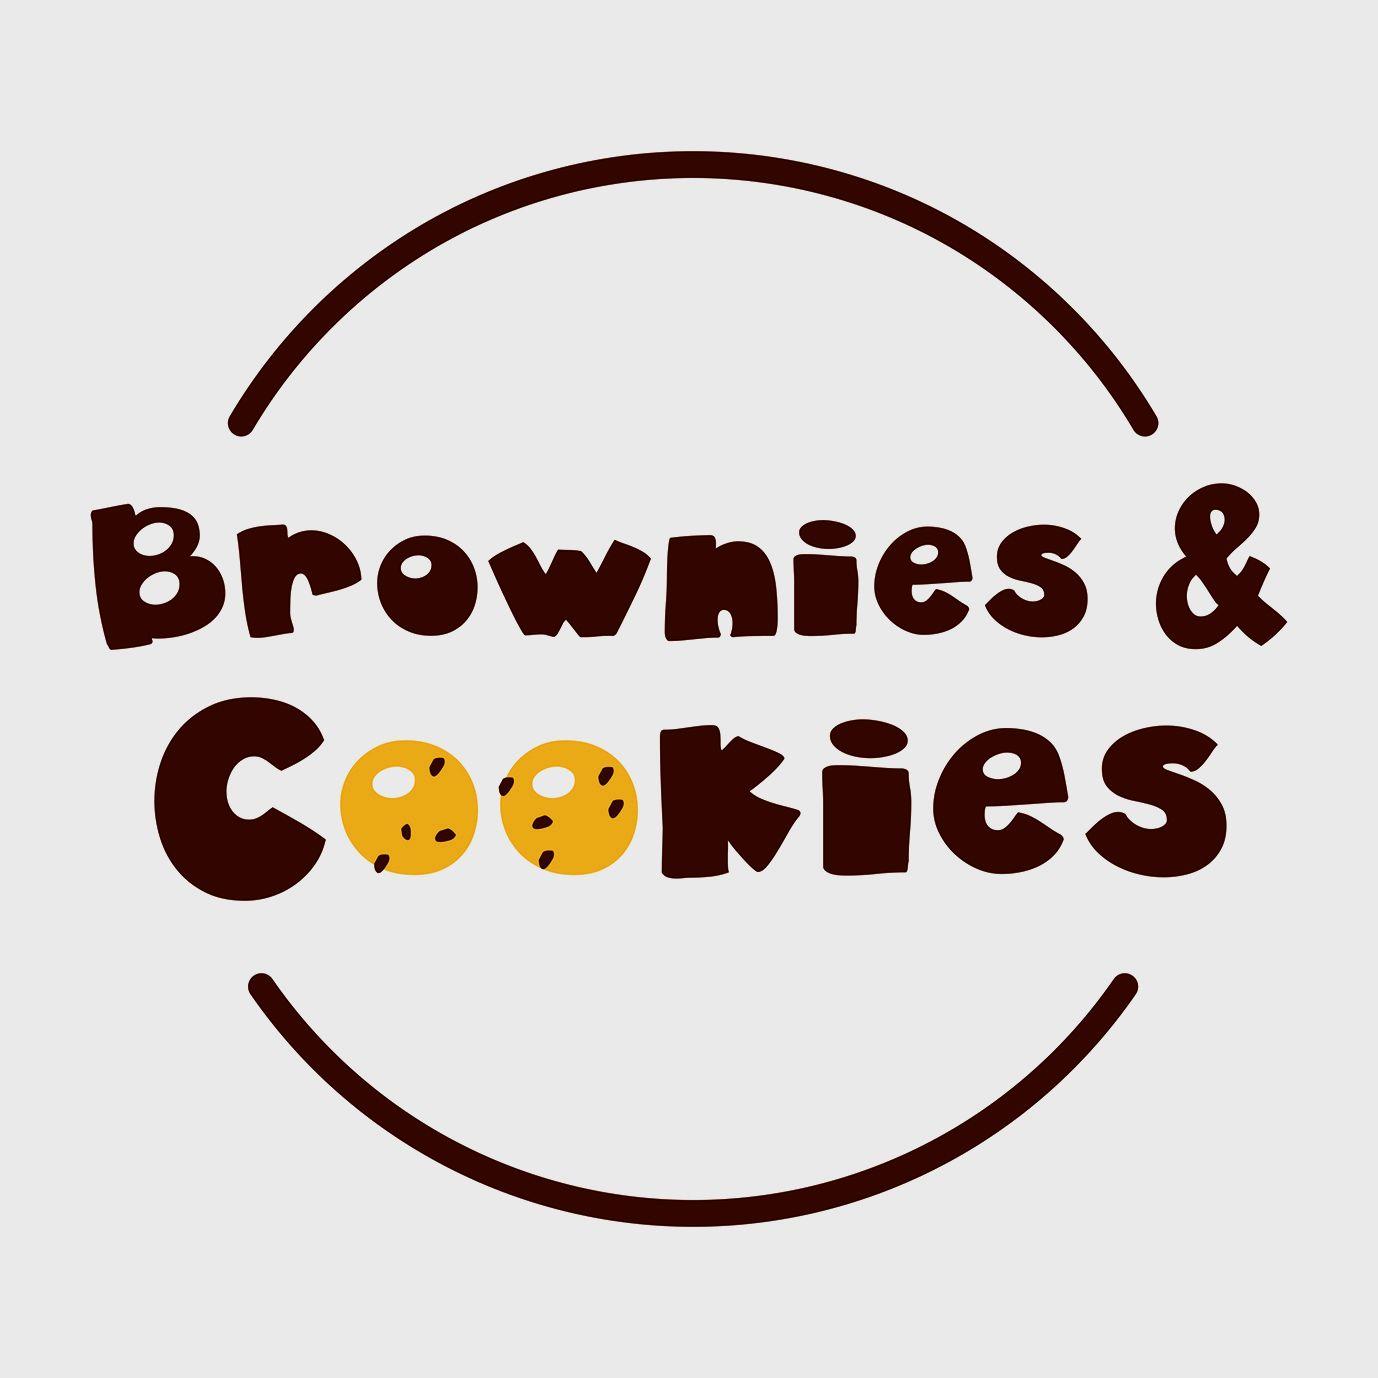 Brownies&Cookies, Inh. M.Reinhardt